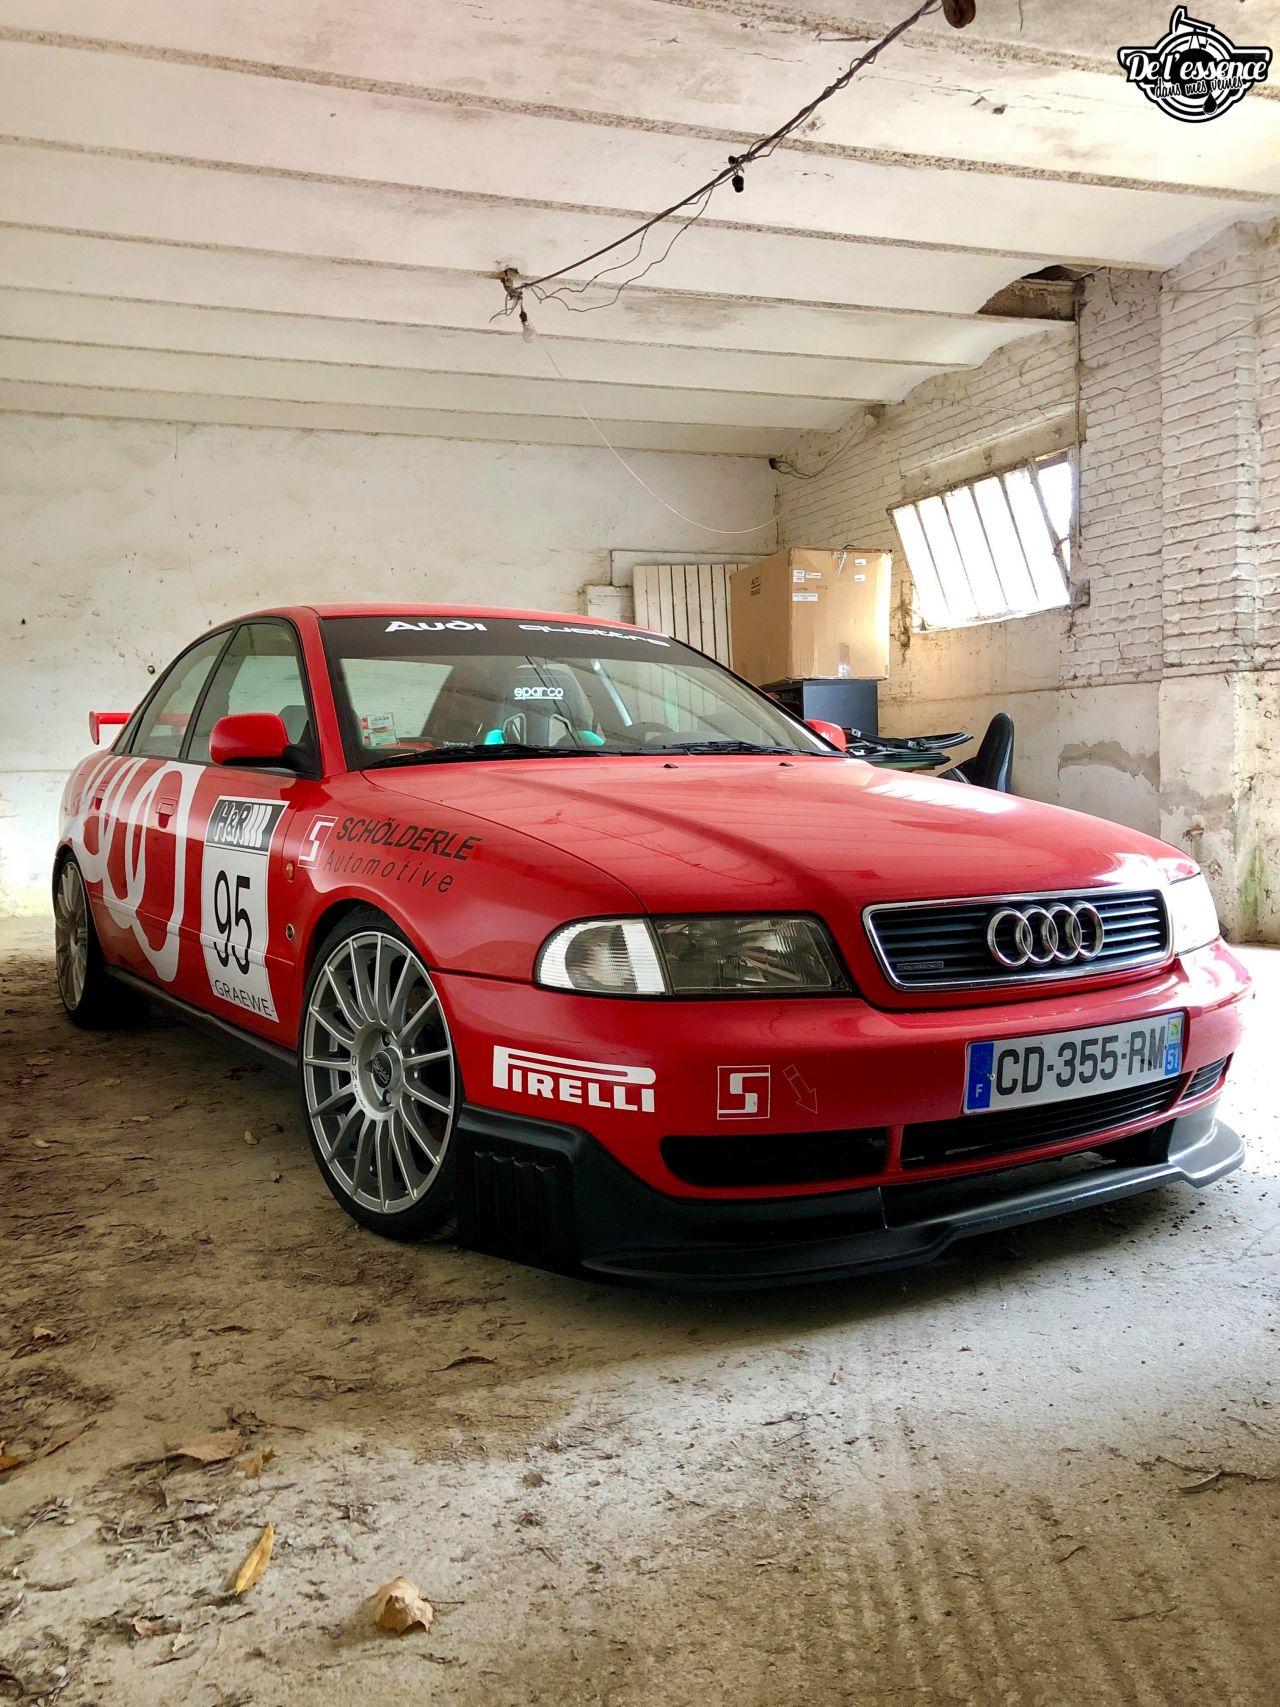 L'Audi A4 B5 2.8 Quattro de Thibault - Sur la piste ! 7